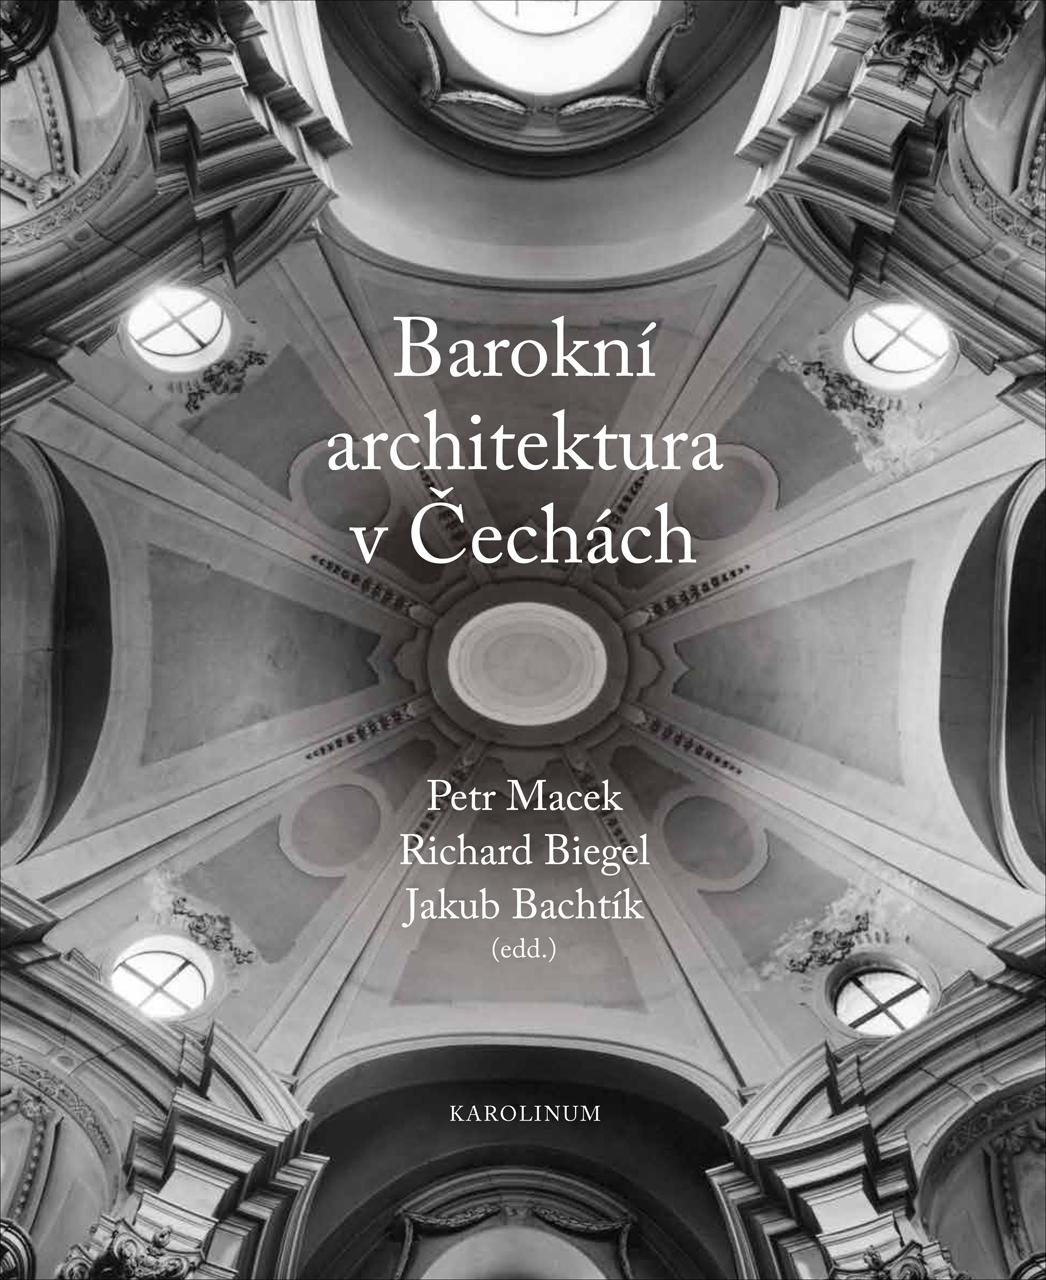 BaroknI architektura v CechAch